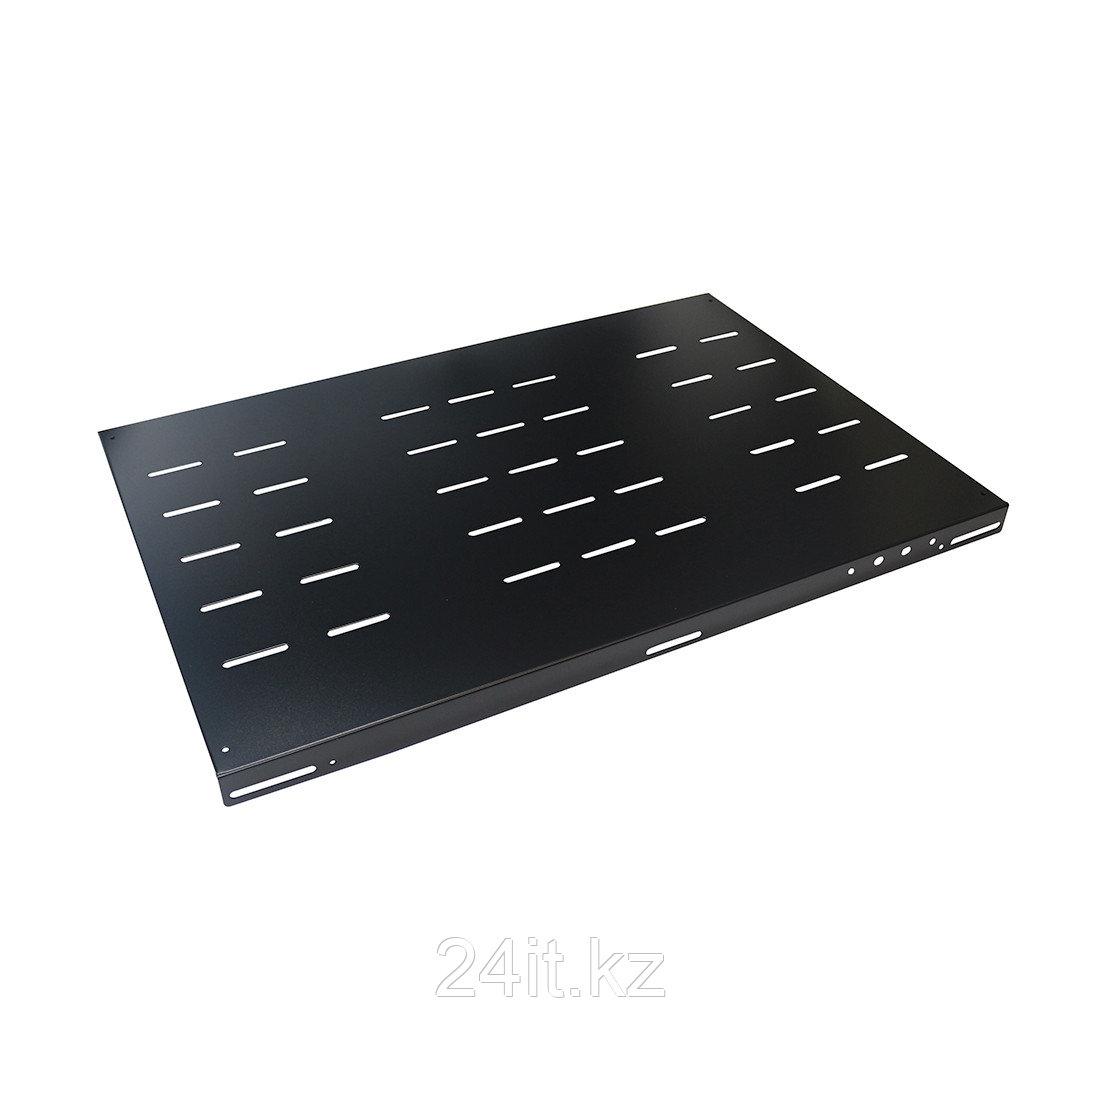 Полка стационарная для серверного шкафа, SHIP VE700110100